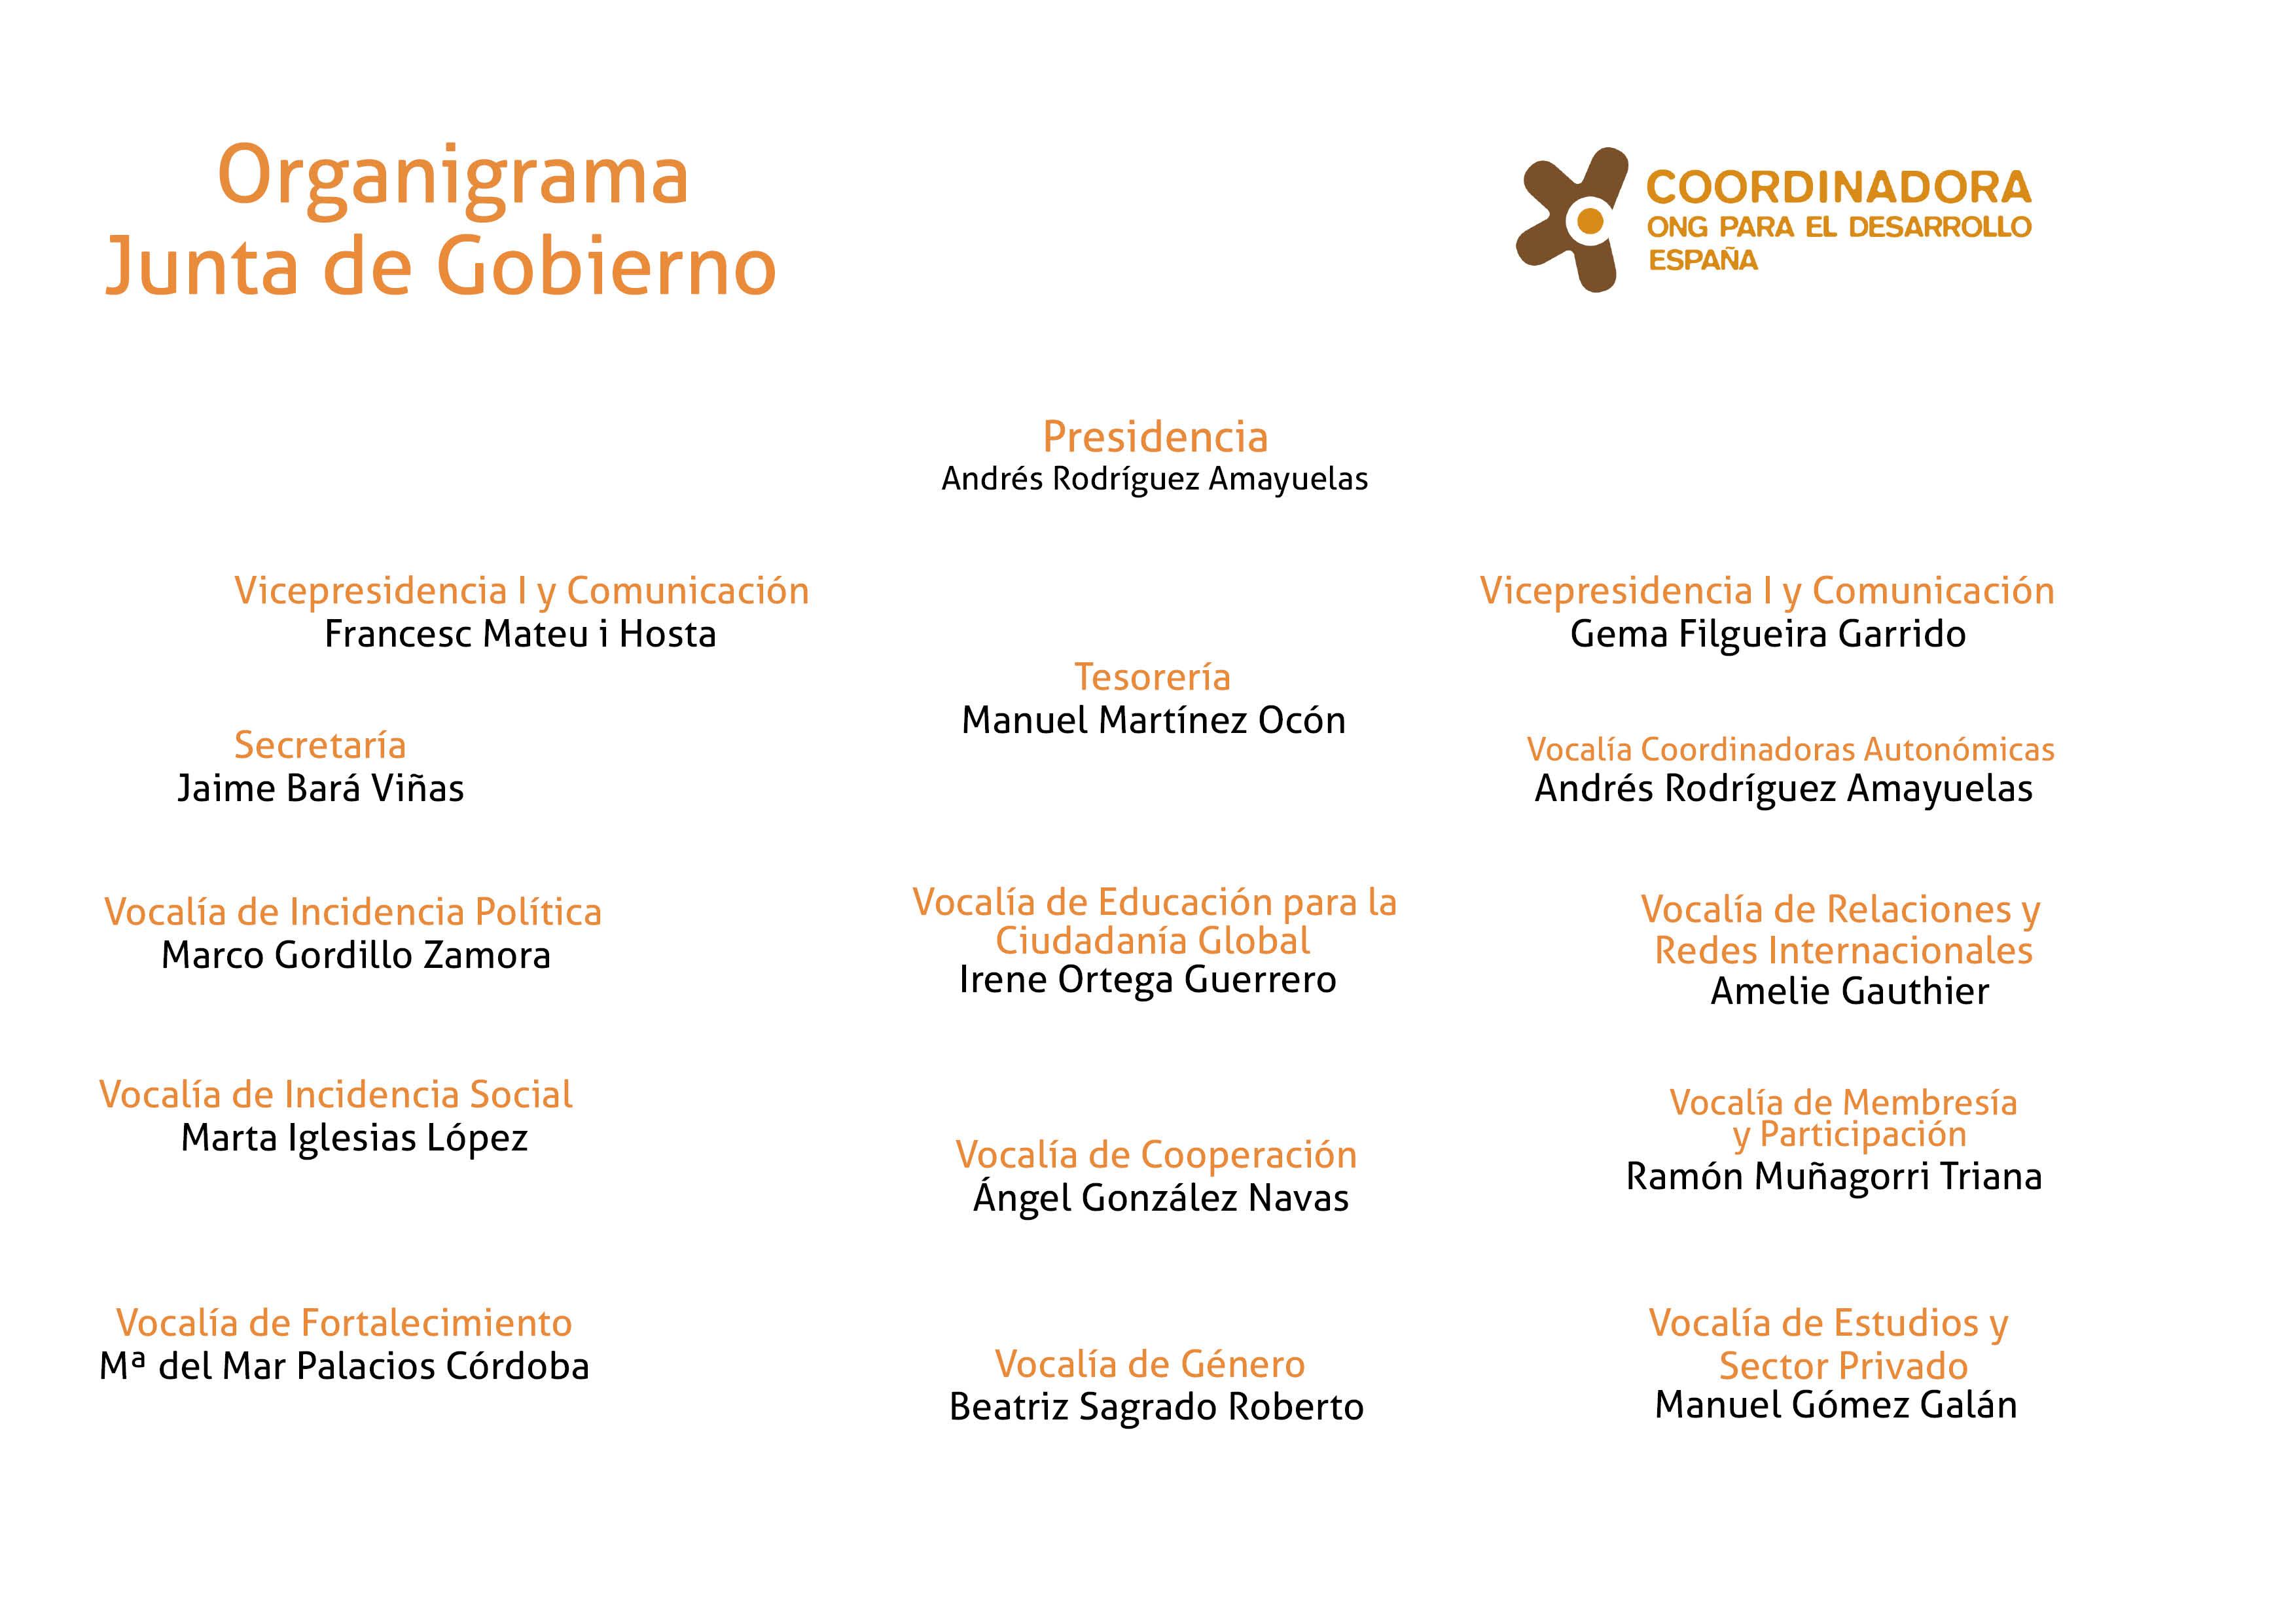 Organigrama_JG_2016